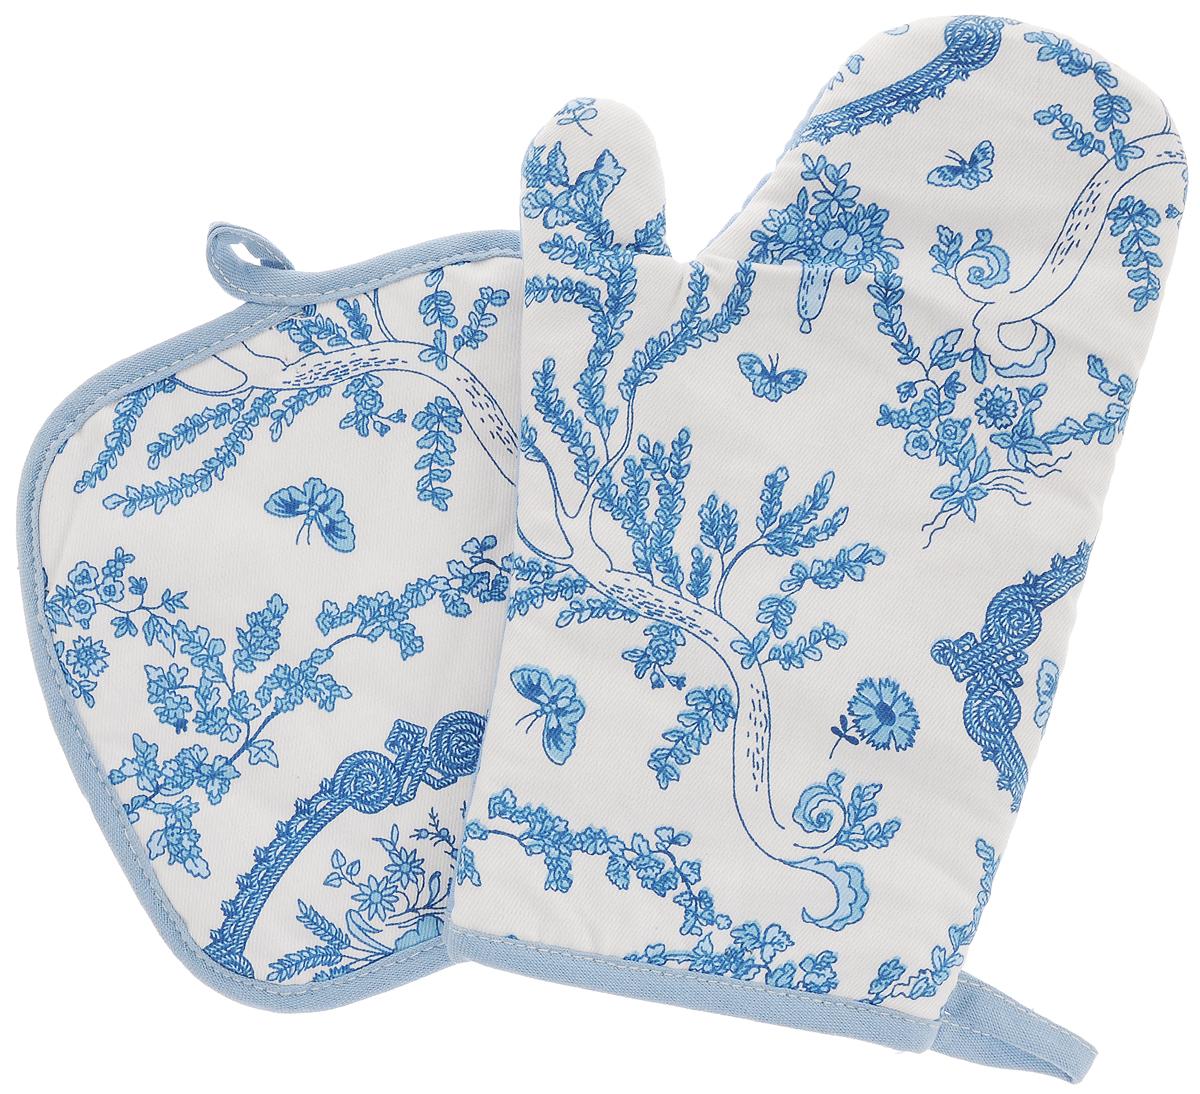 Набор прихваток Bonita Жуи, 2 предметаBH-UN0502( R)Набор Bonita Жуи состоит из прихватки-рукавицы и квадратной прихватки. Изделия выполнены из натурального хлопка и декорированы оригинальным рисунком. Прихватки простеганы, а края окантованы. Оснащены специальными петельками, за которые их можно подвесить на крючок в любом удобном для вас месте. Такой набор красиво дополнит интерьер кухни. Размер прихватки-рукавицы: 16 х 28 см.Размер прихватки: 17 х 17 см.